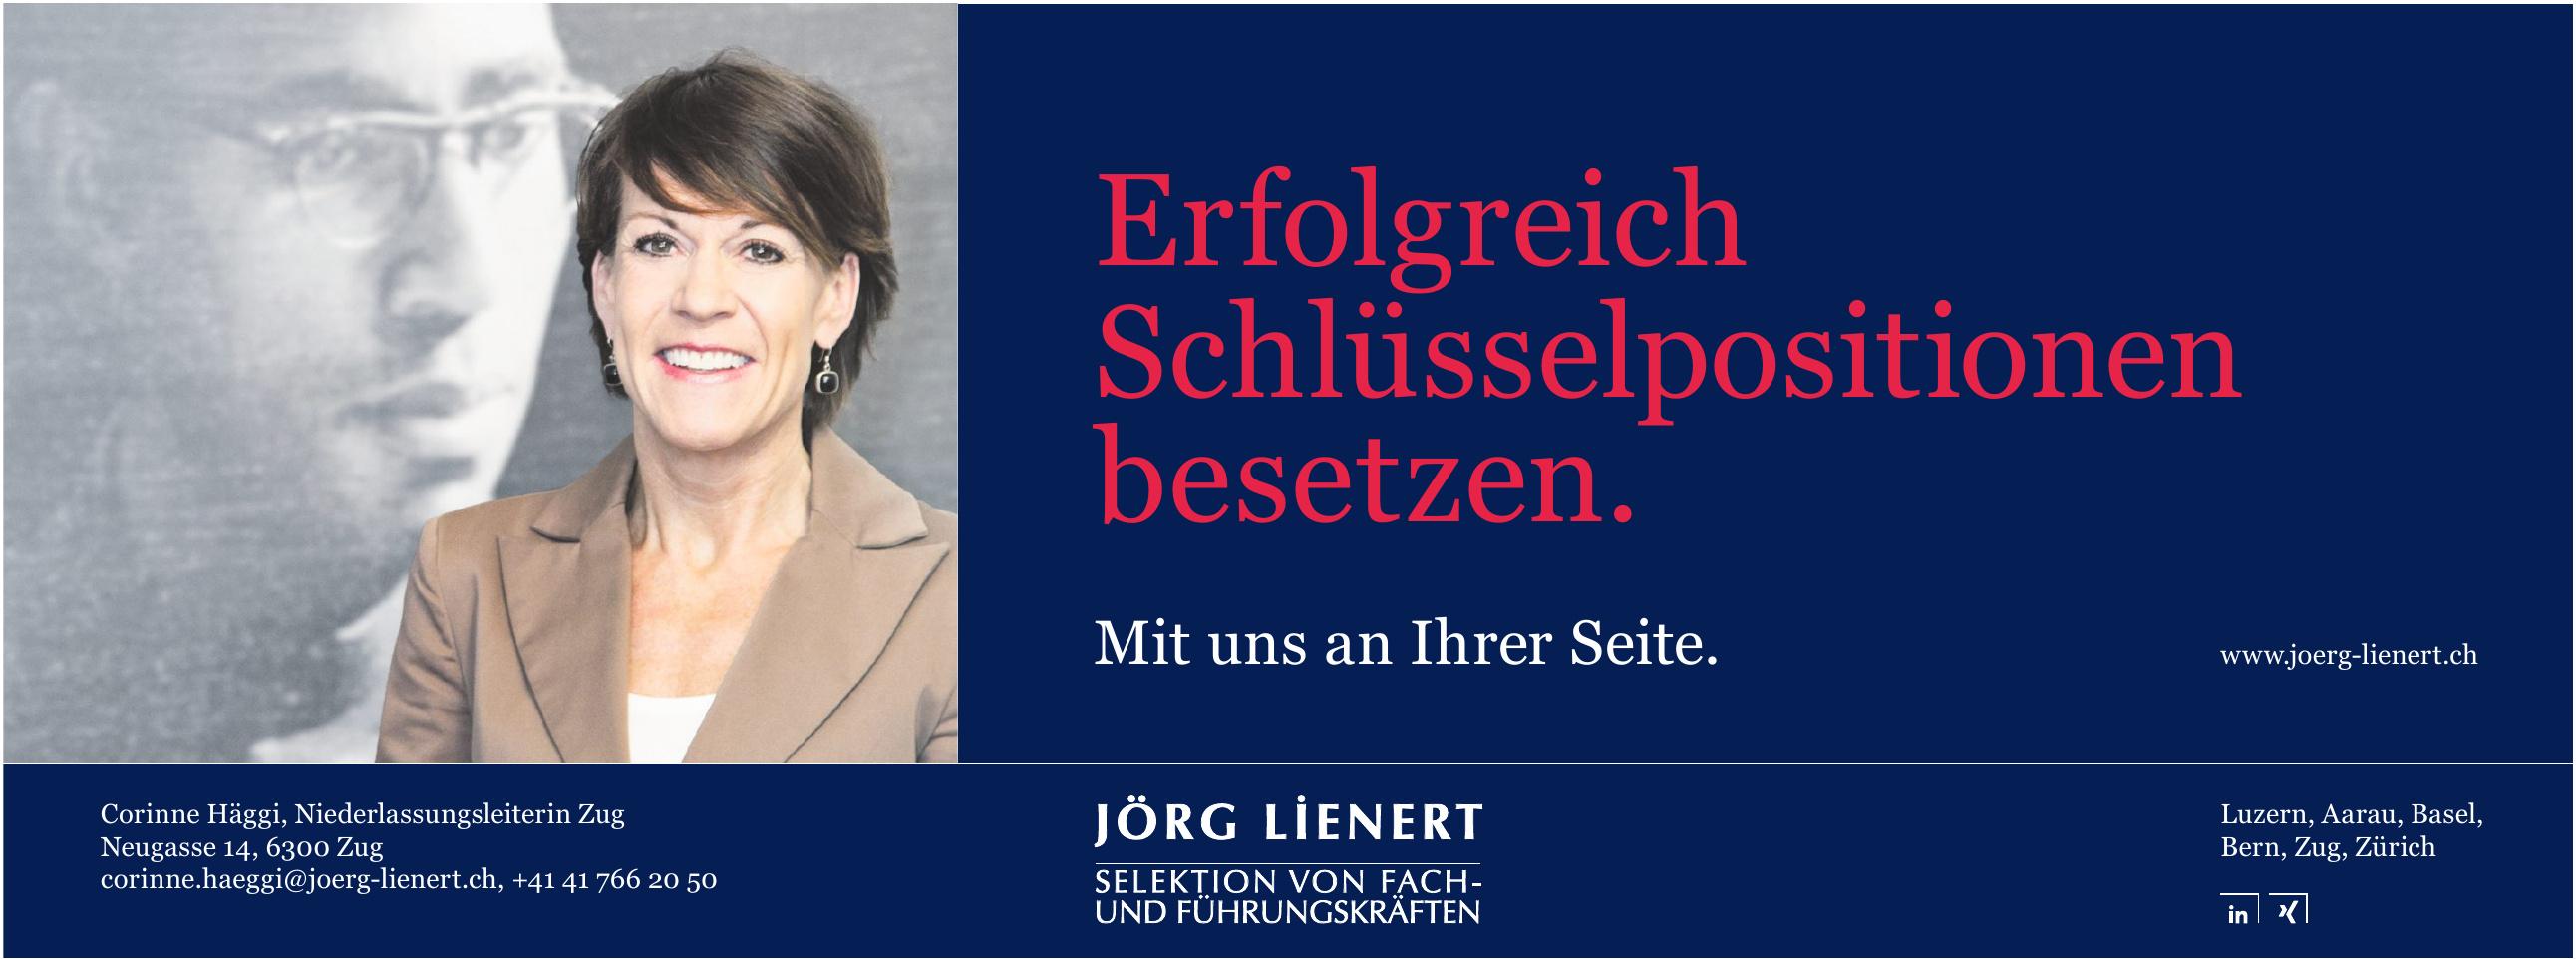 Jörg Lienert AG